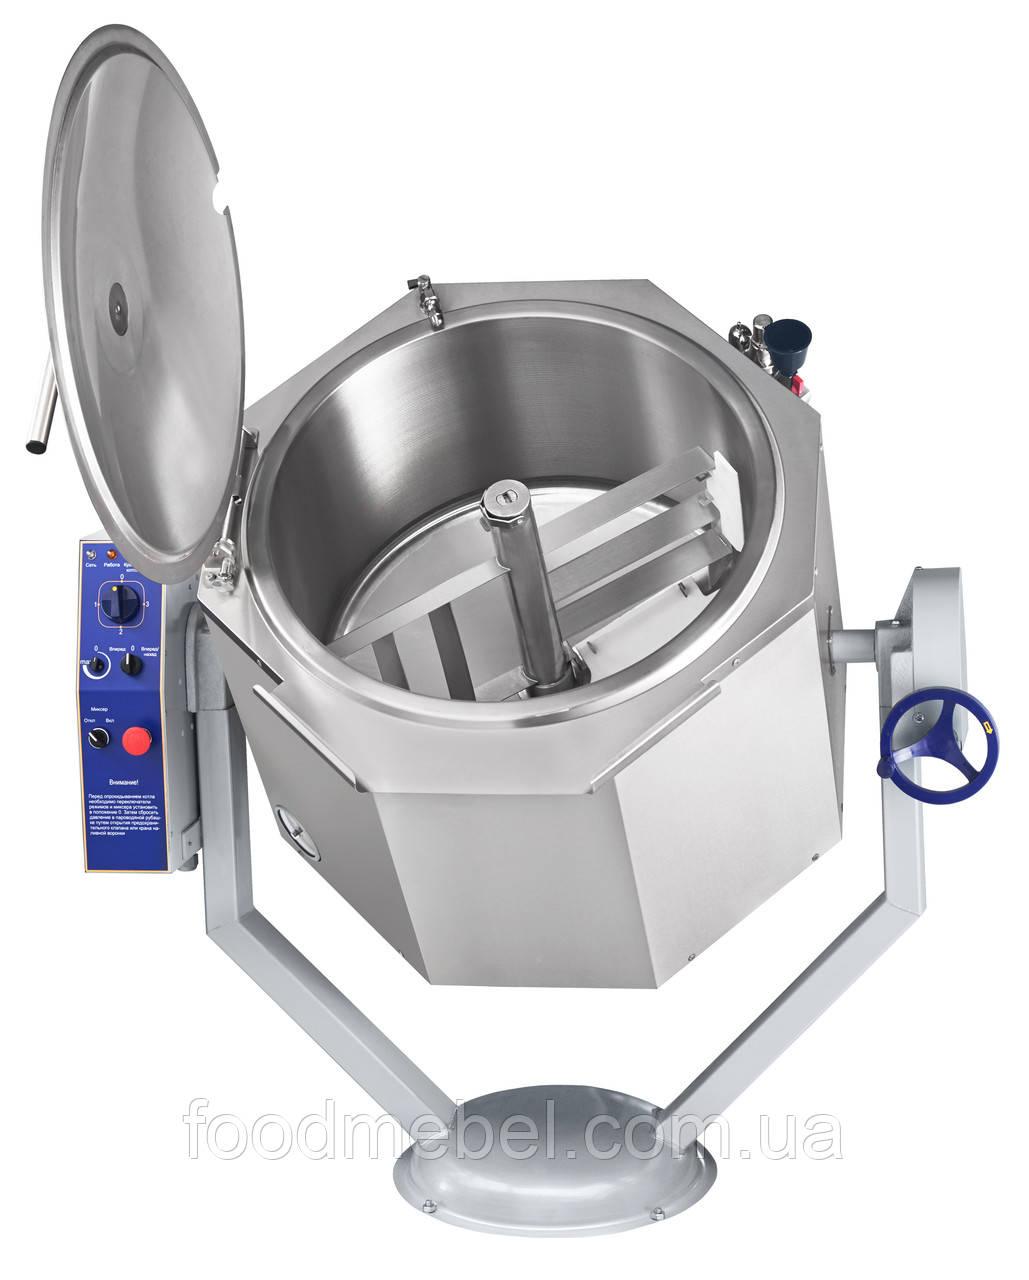 Котел пищеварочный Abat КПЭМ-100-ОМР опрокидывающийся с функцией перемешивания